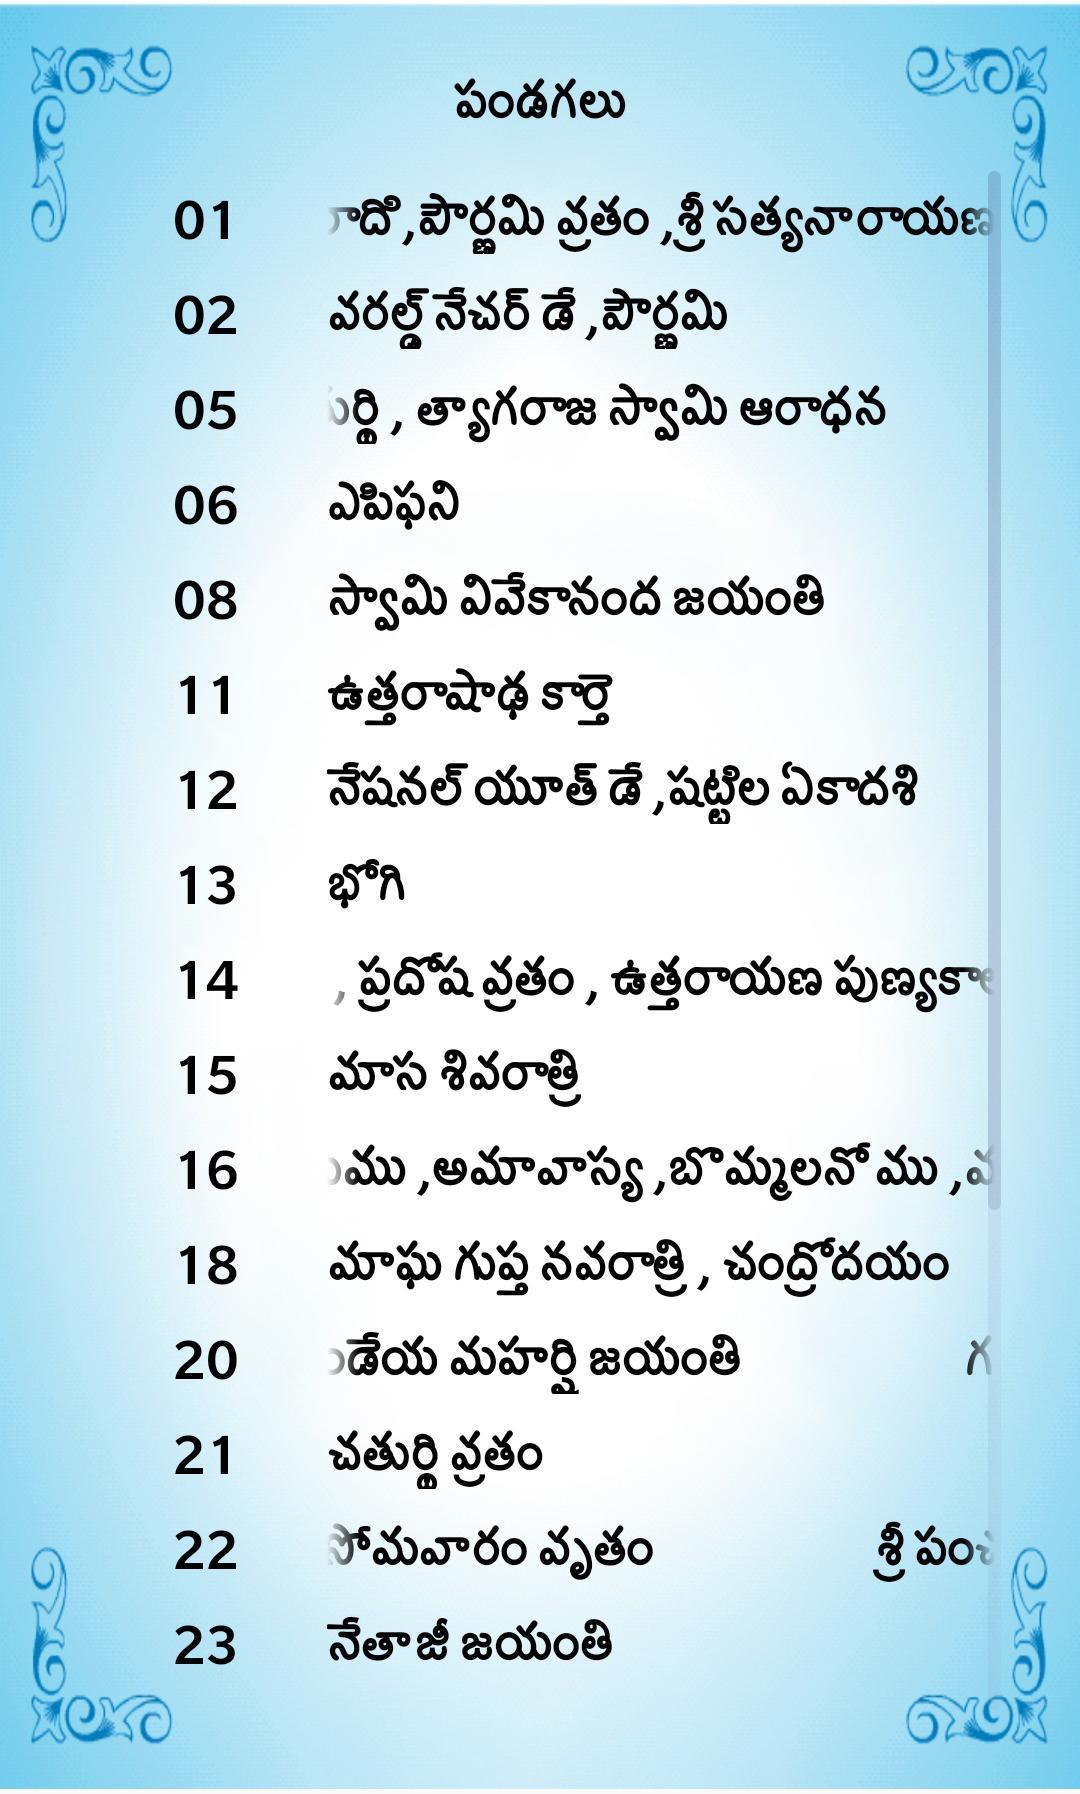 2020 Calendar In Telugu